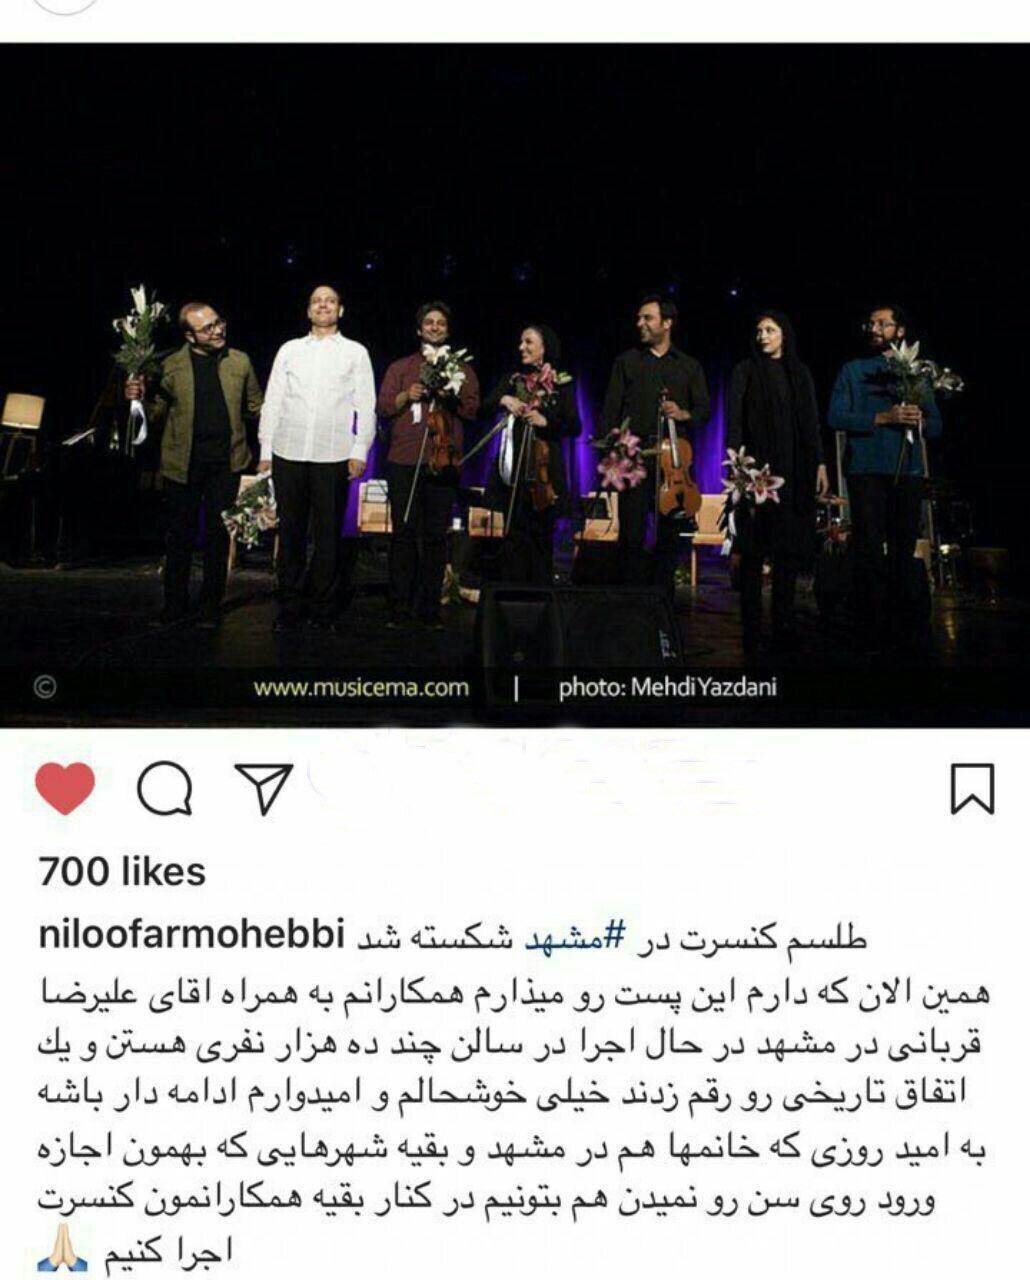 تصویر از خوانندهای که طلسم کنسرت را در مشهد شکست/ عکس